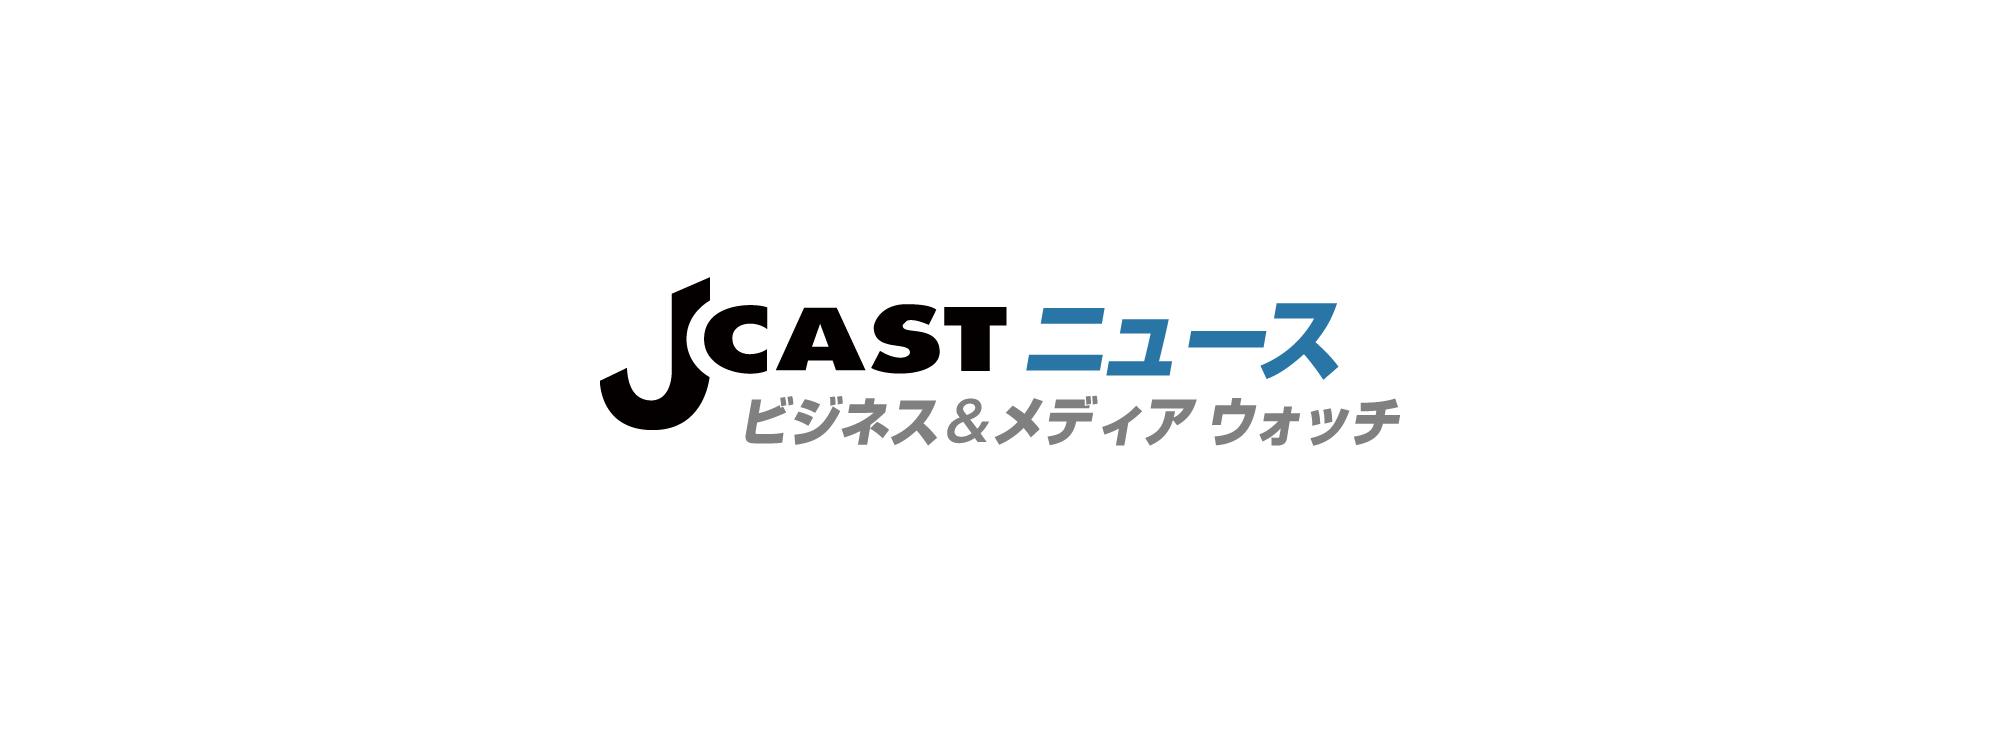 全文表示 | 宇多田ヒカルが母・藤圭子の自殺を初めて語る 「とても長い間、精神の病に苦しめられていました」 : J-CASTニュース